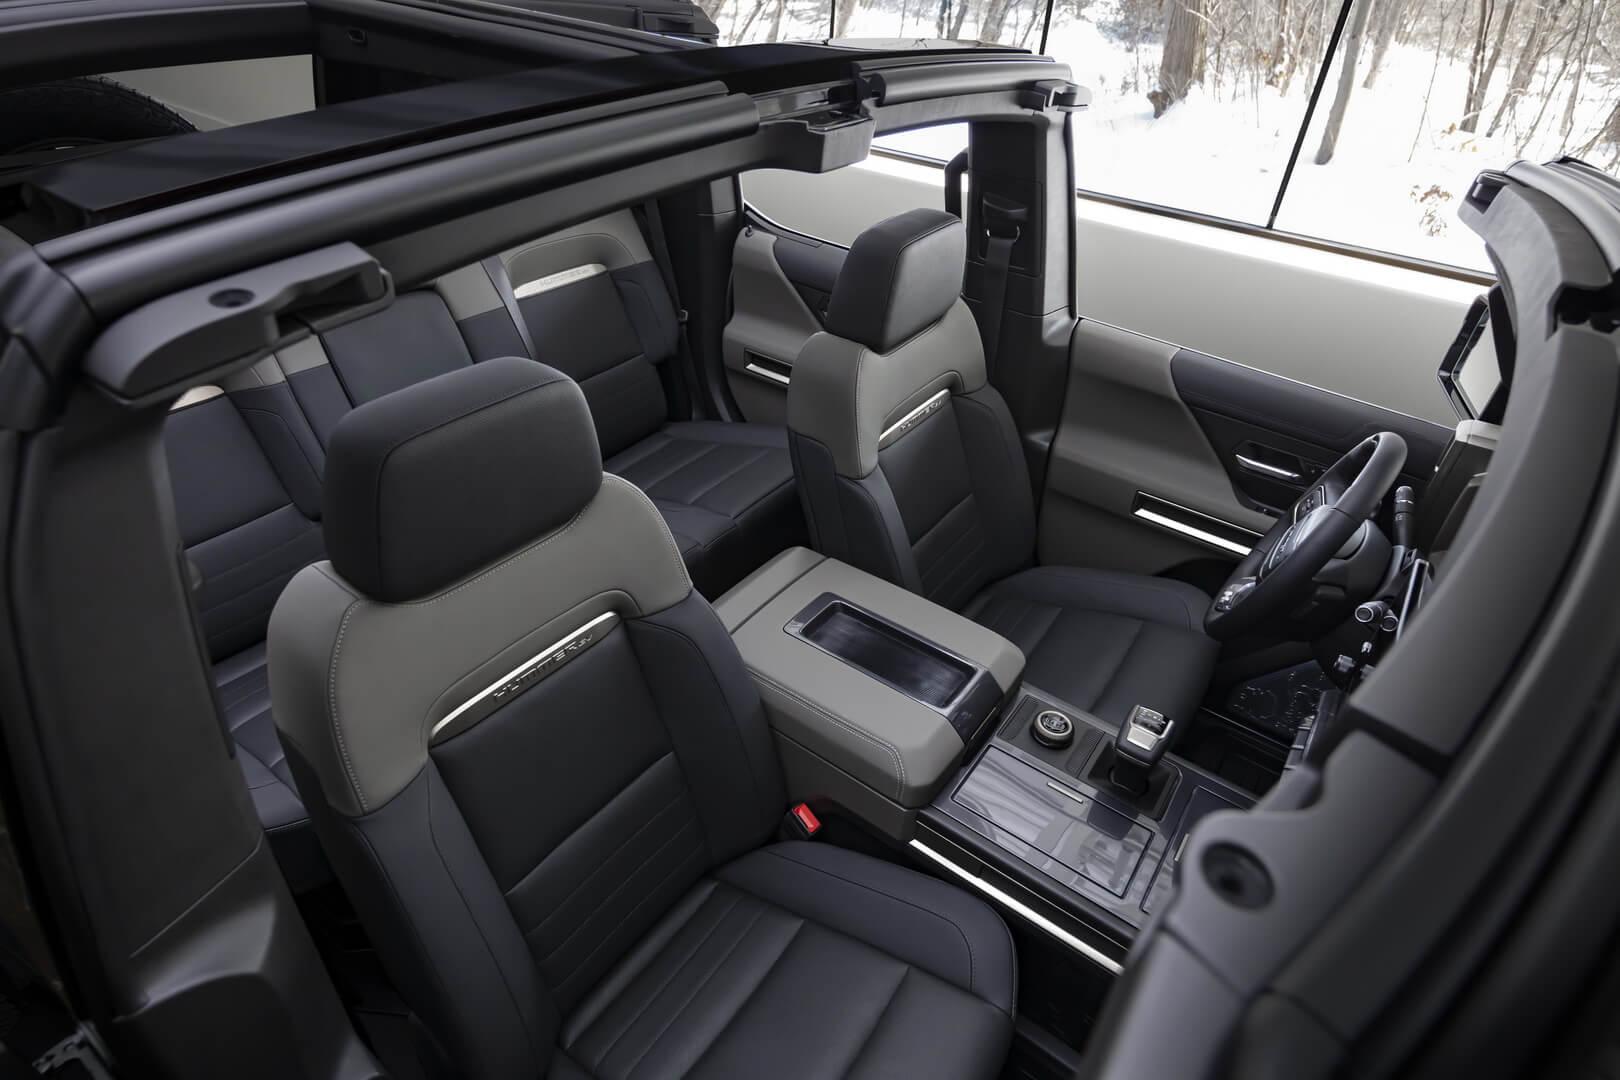 Фотография экоавто Внедорожник GMC Hummer EV Edition 1 с экстремальным внедорожным пакетом - фото 44